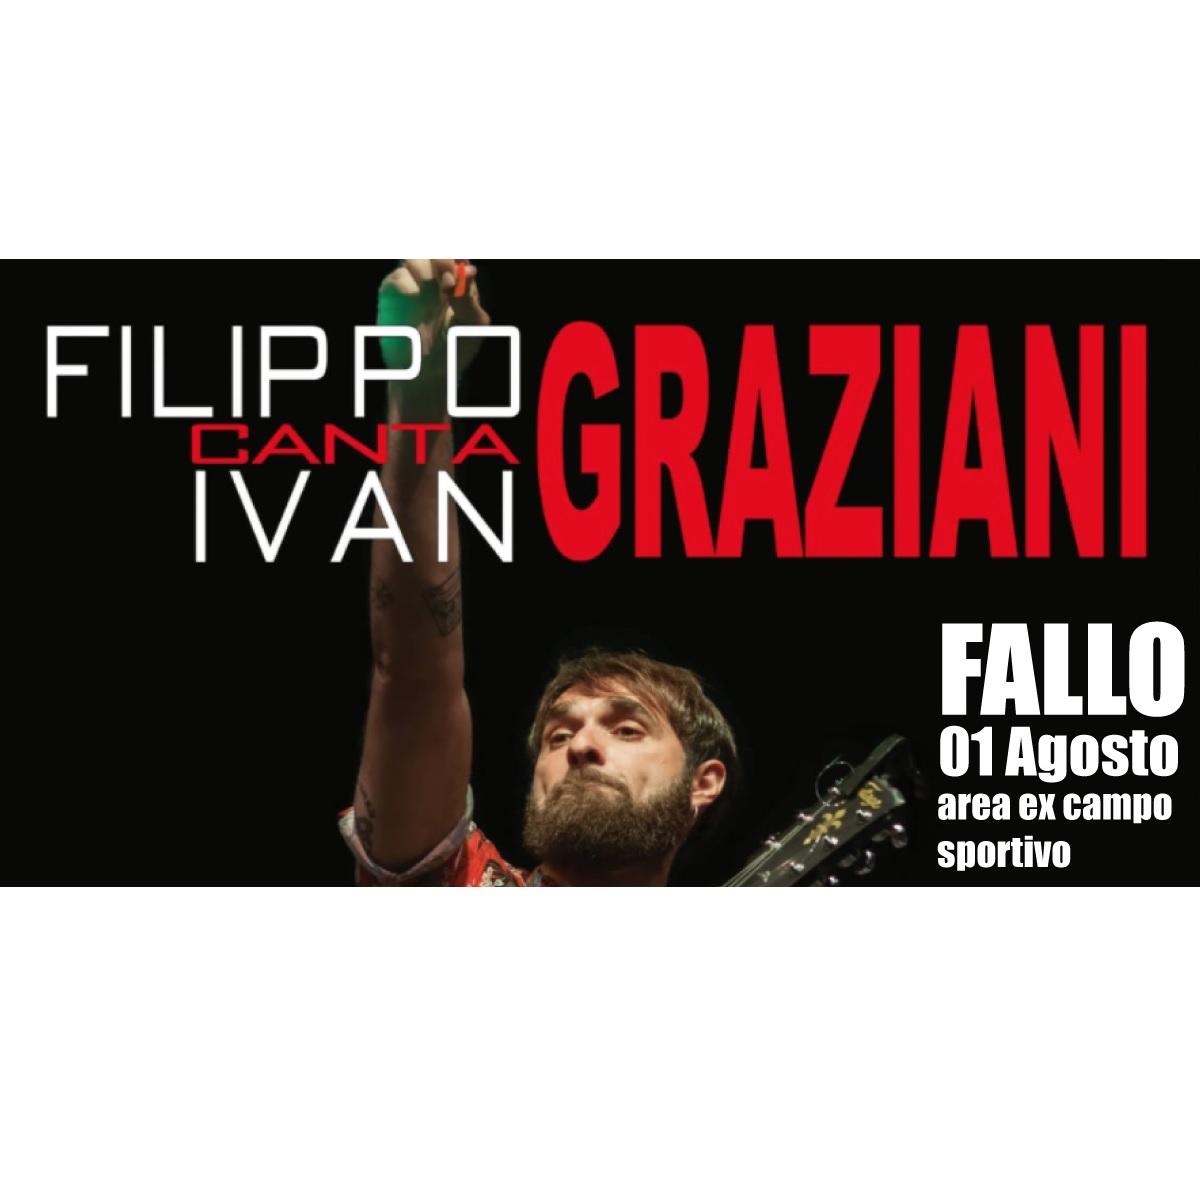 Filippo Graziani a Fallo domenica 1 agosto 2021 foto